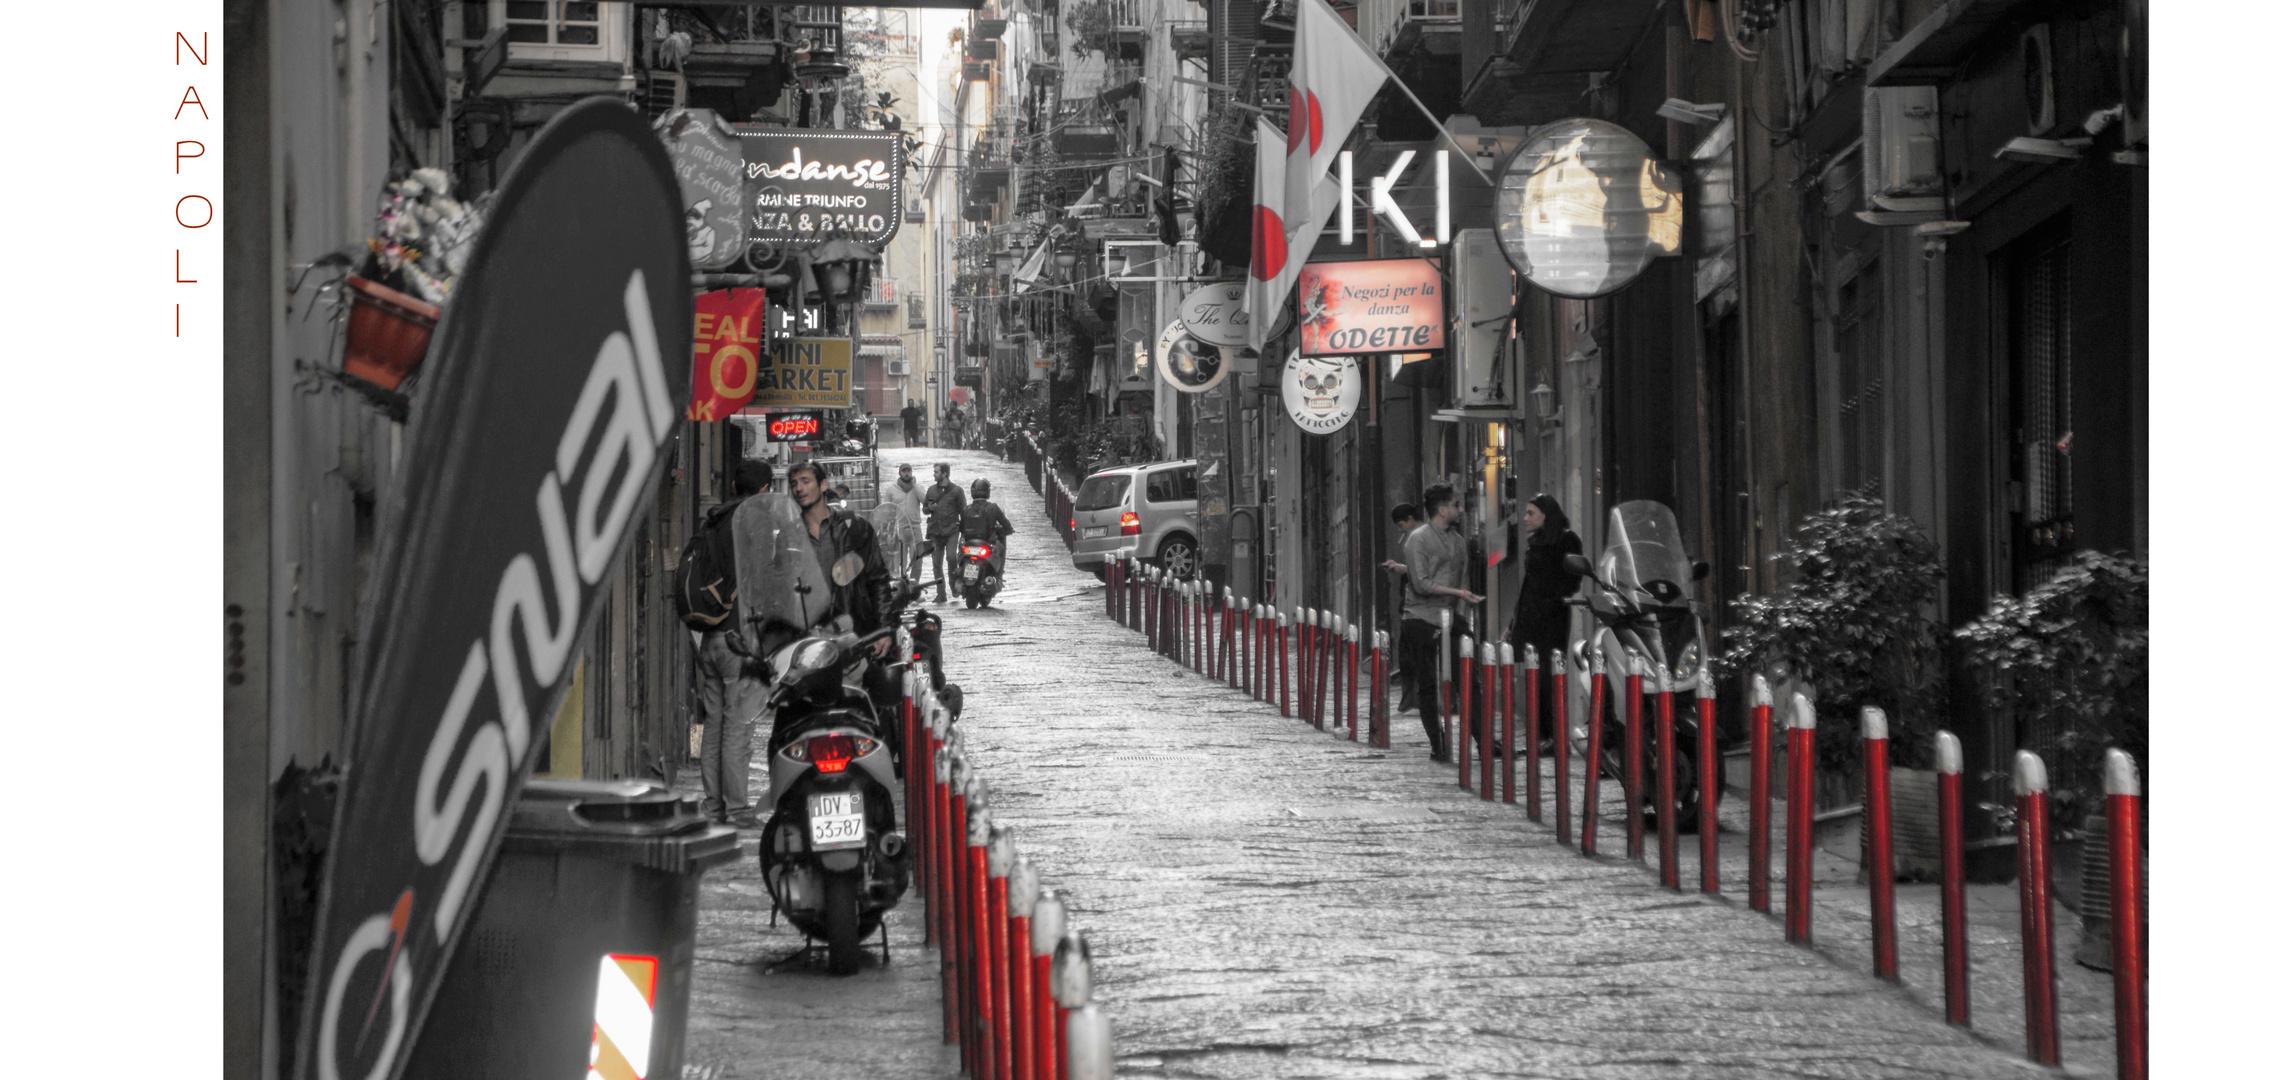 Neapel, ich würde dich wirklich gerne bald wiedersehen.